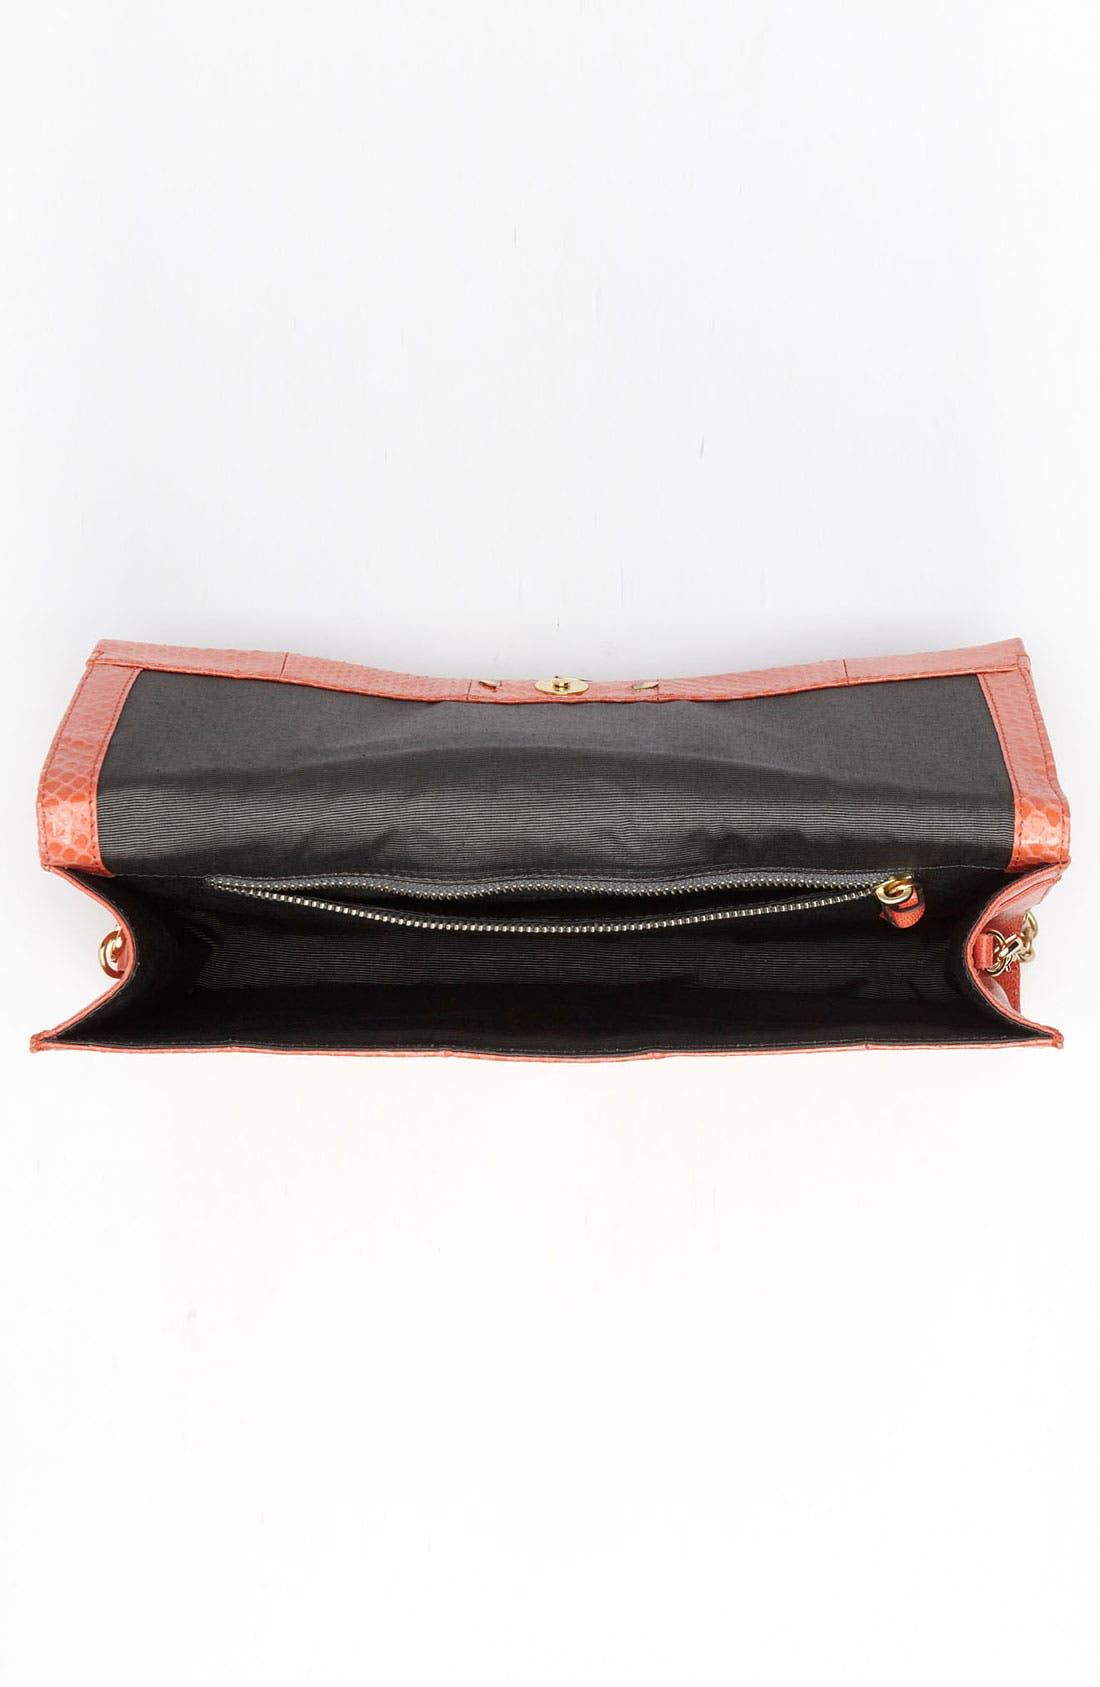 Alternate Image 3  - Diane von Furstenberg 'Carolina Lips' Leather & Genuine Snakeskin Clutch